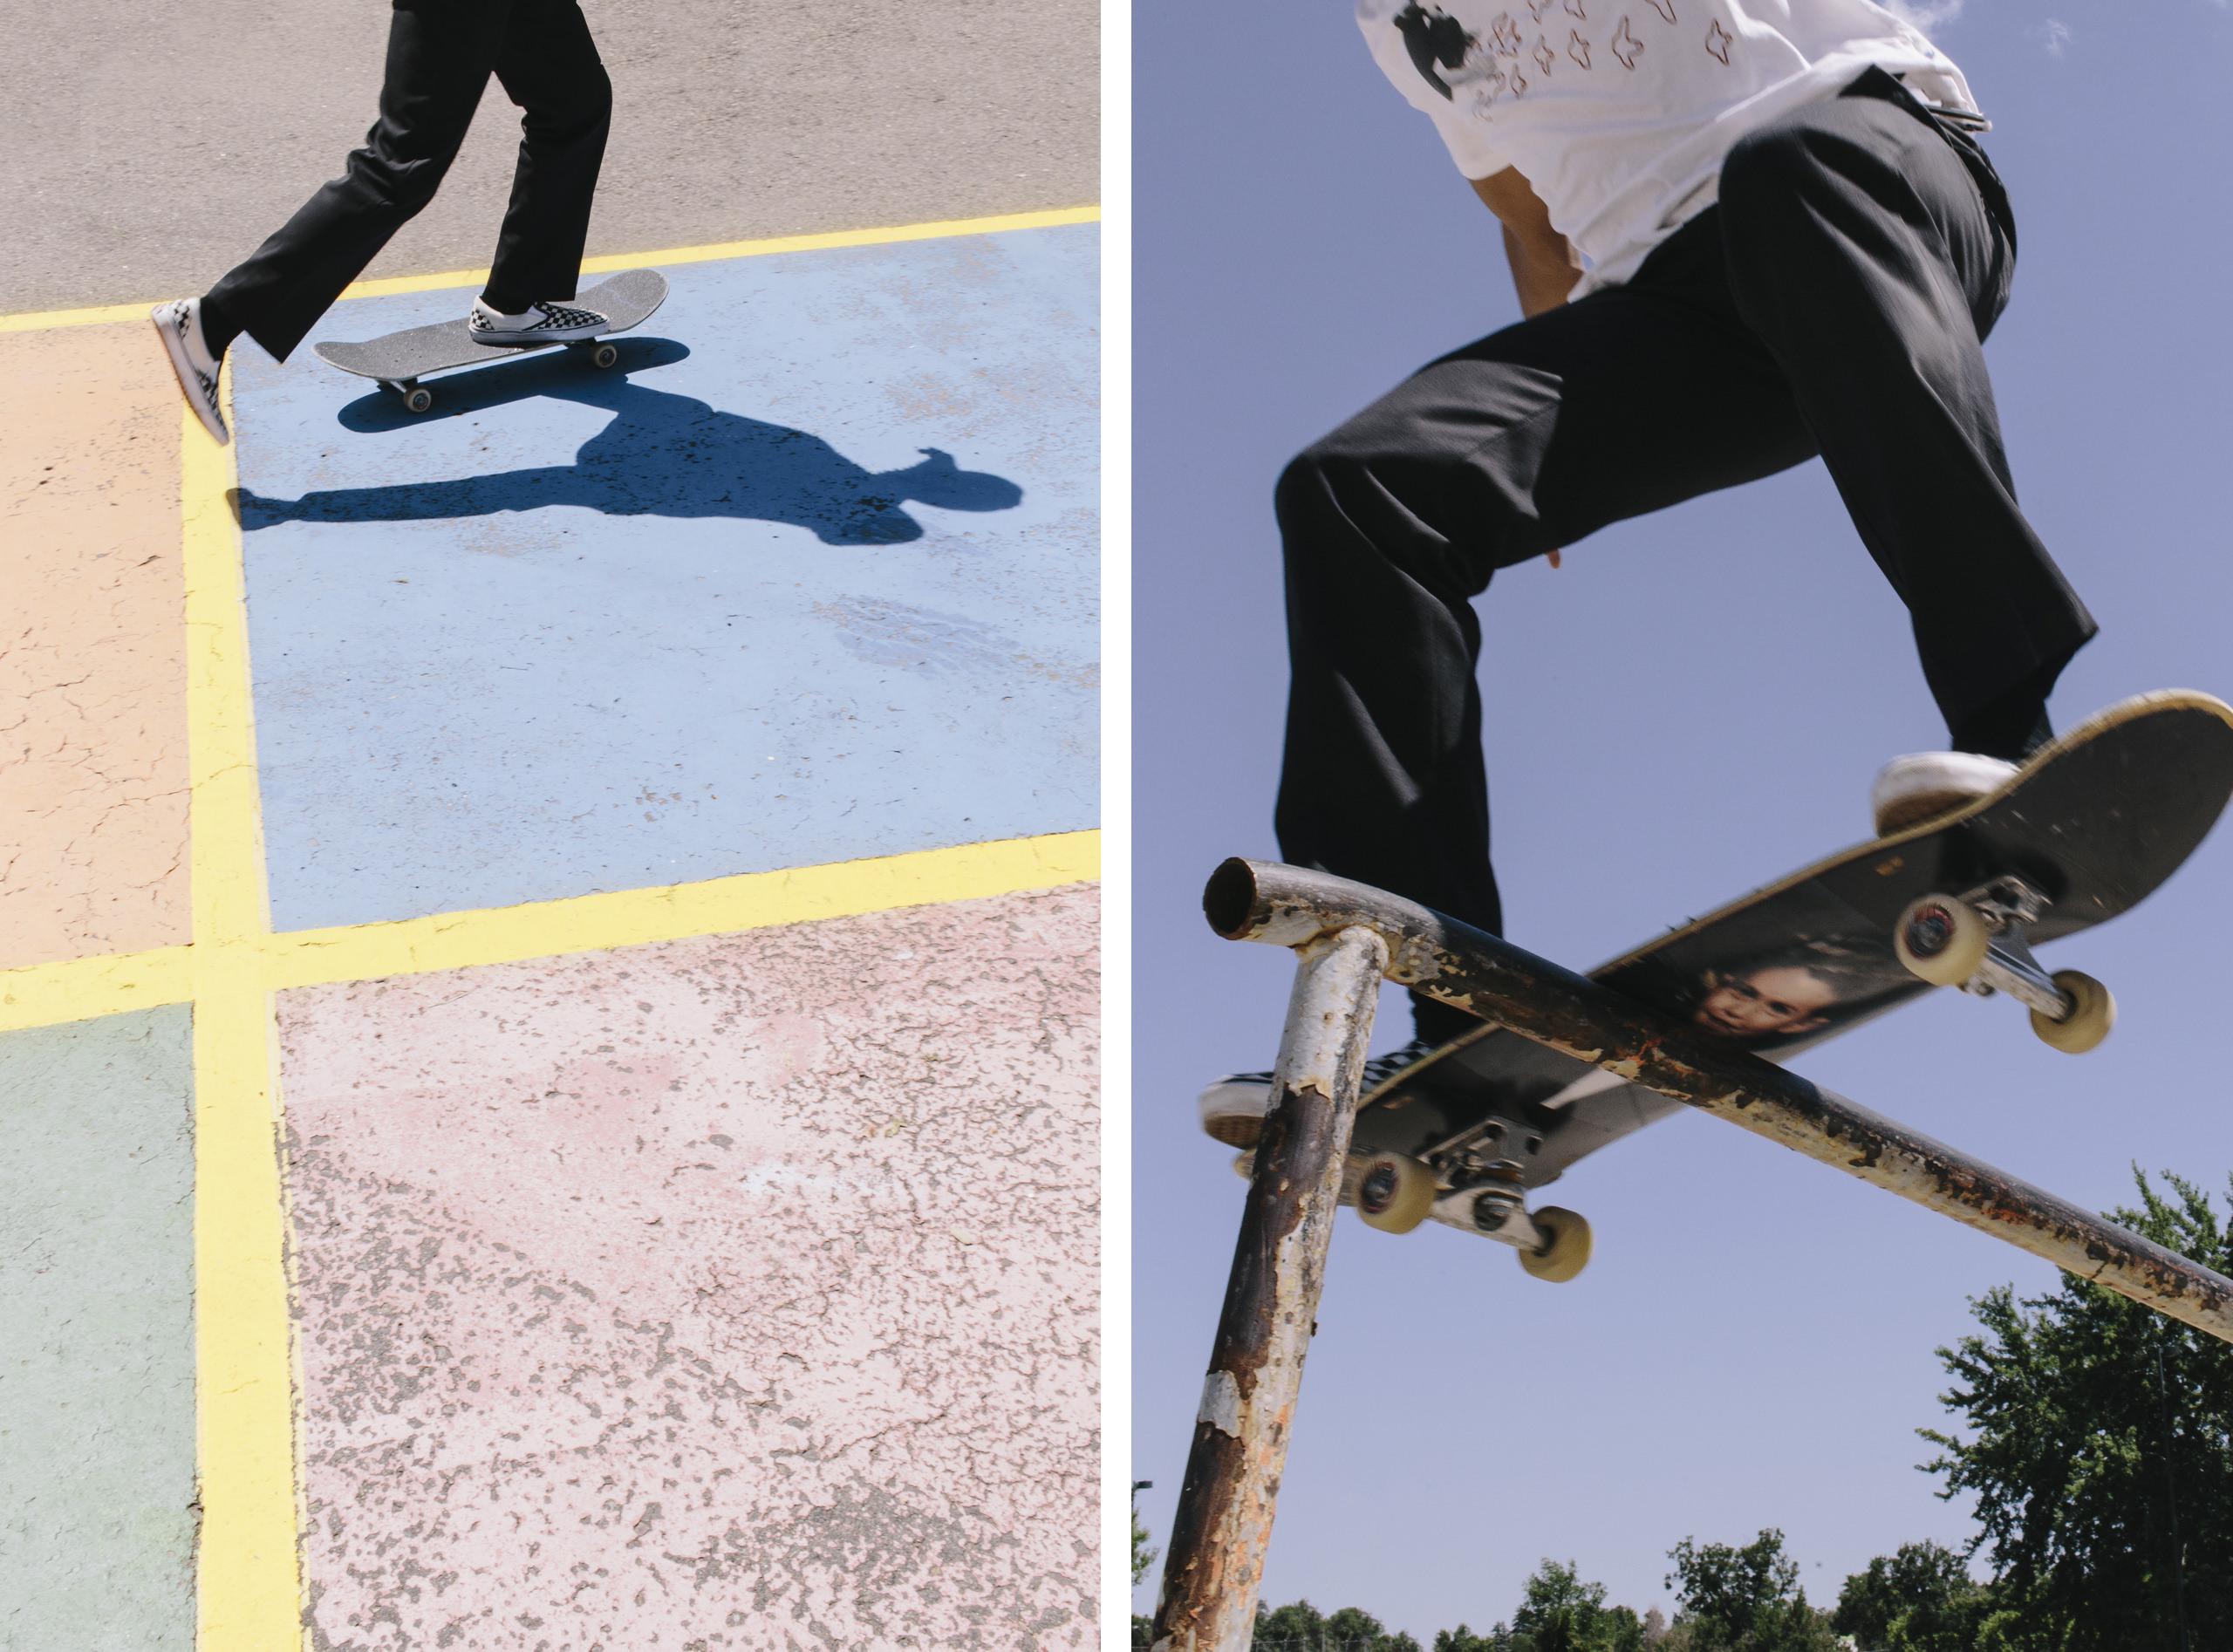 Skateboarding-5